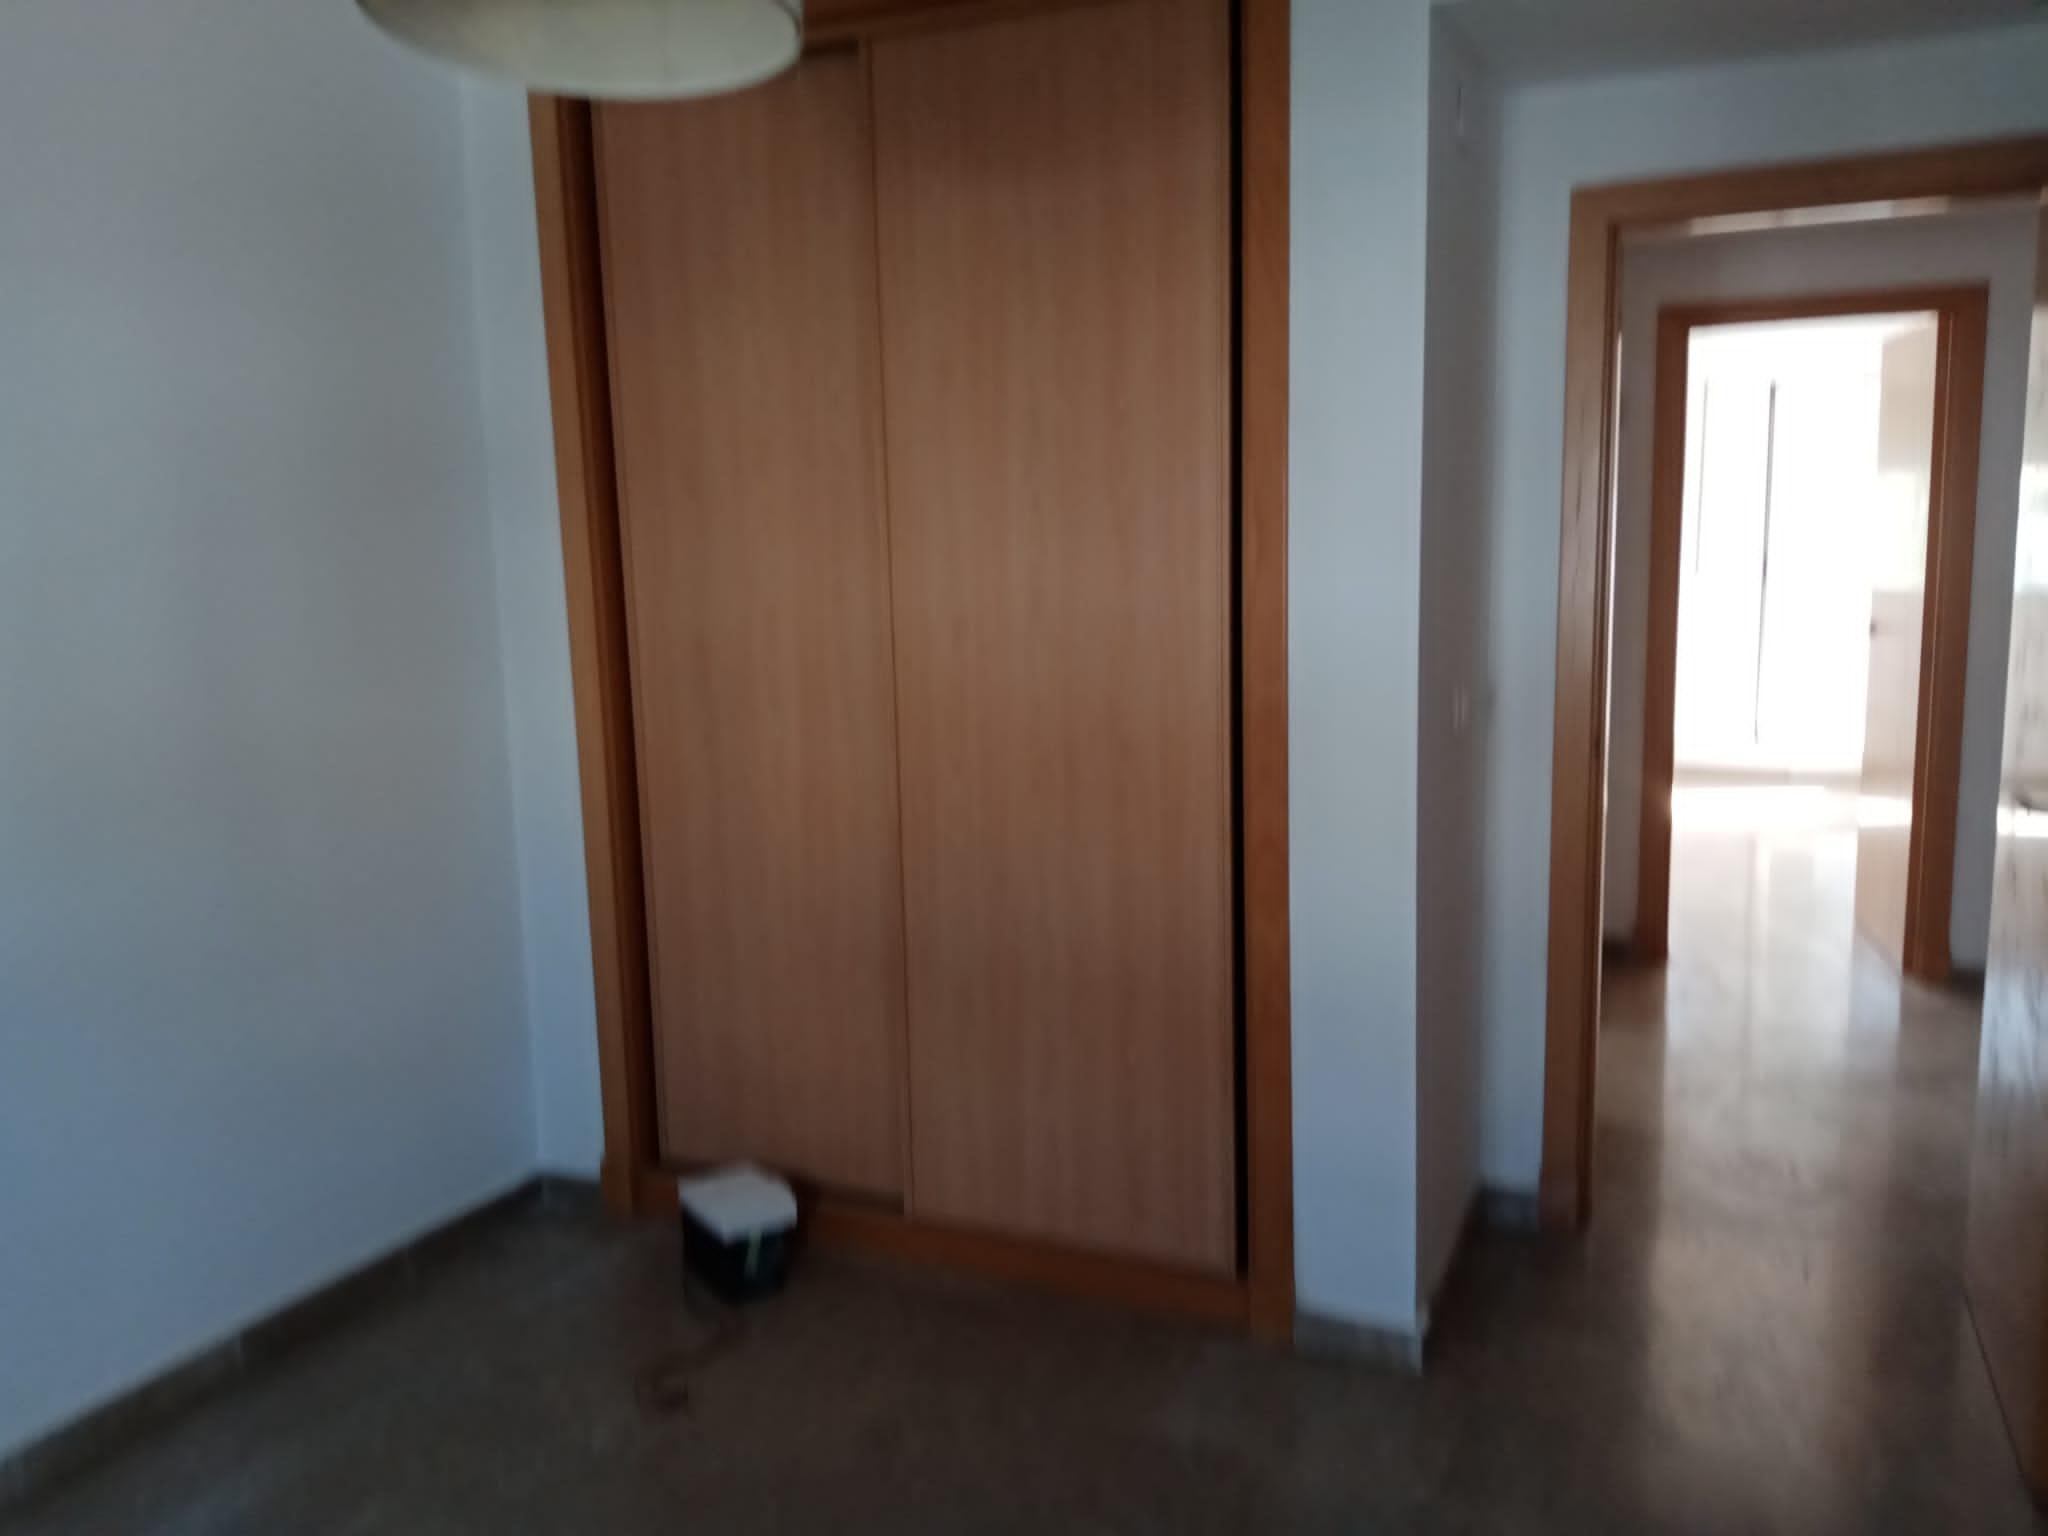 Piso en venta en Piso en Bollullos de la Mitación, Sevilla, 172.000 €, 4 habitaciones, 2 baños, 166 m2